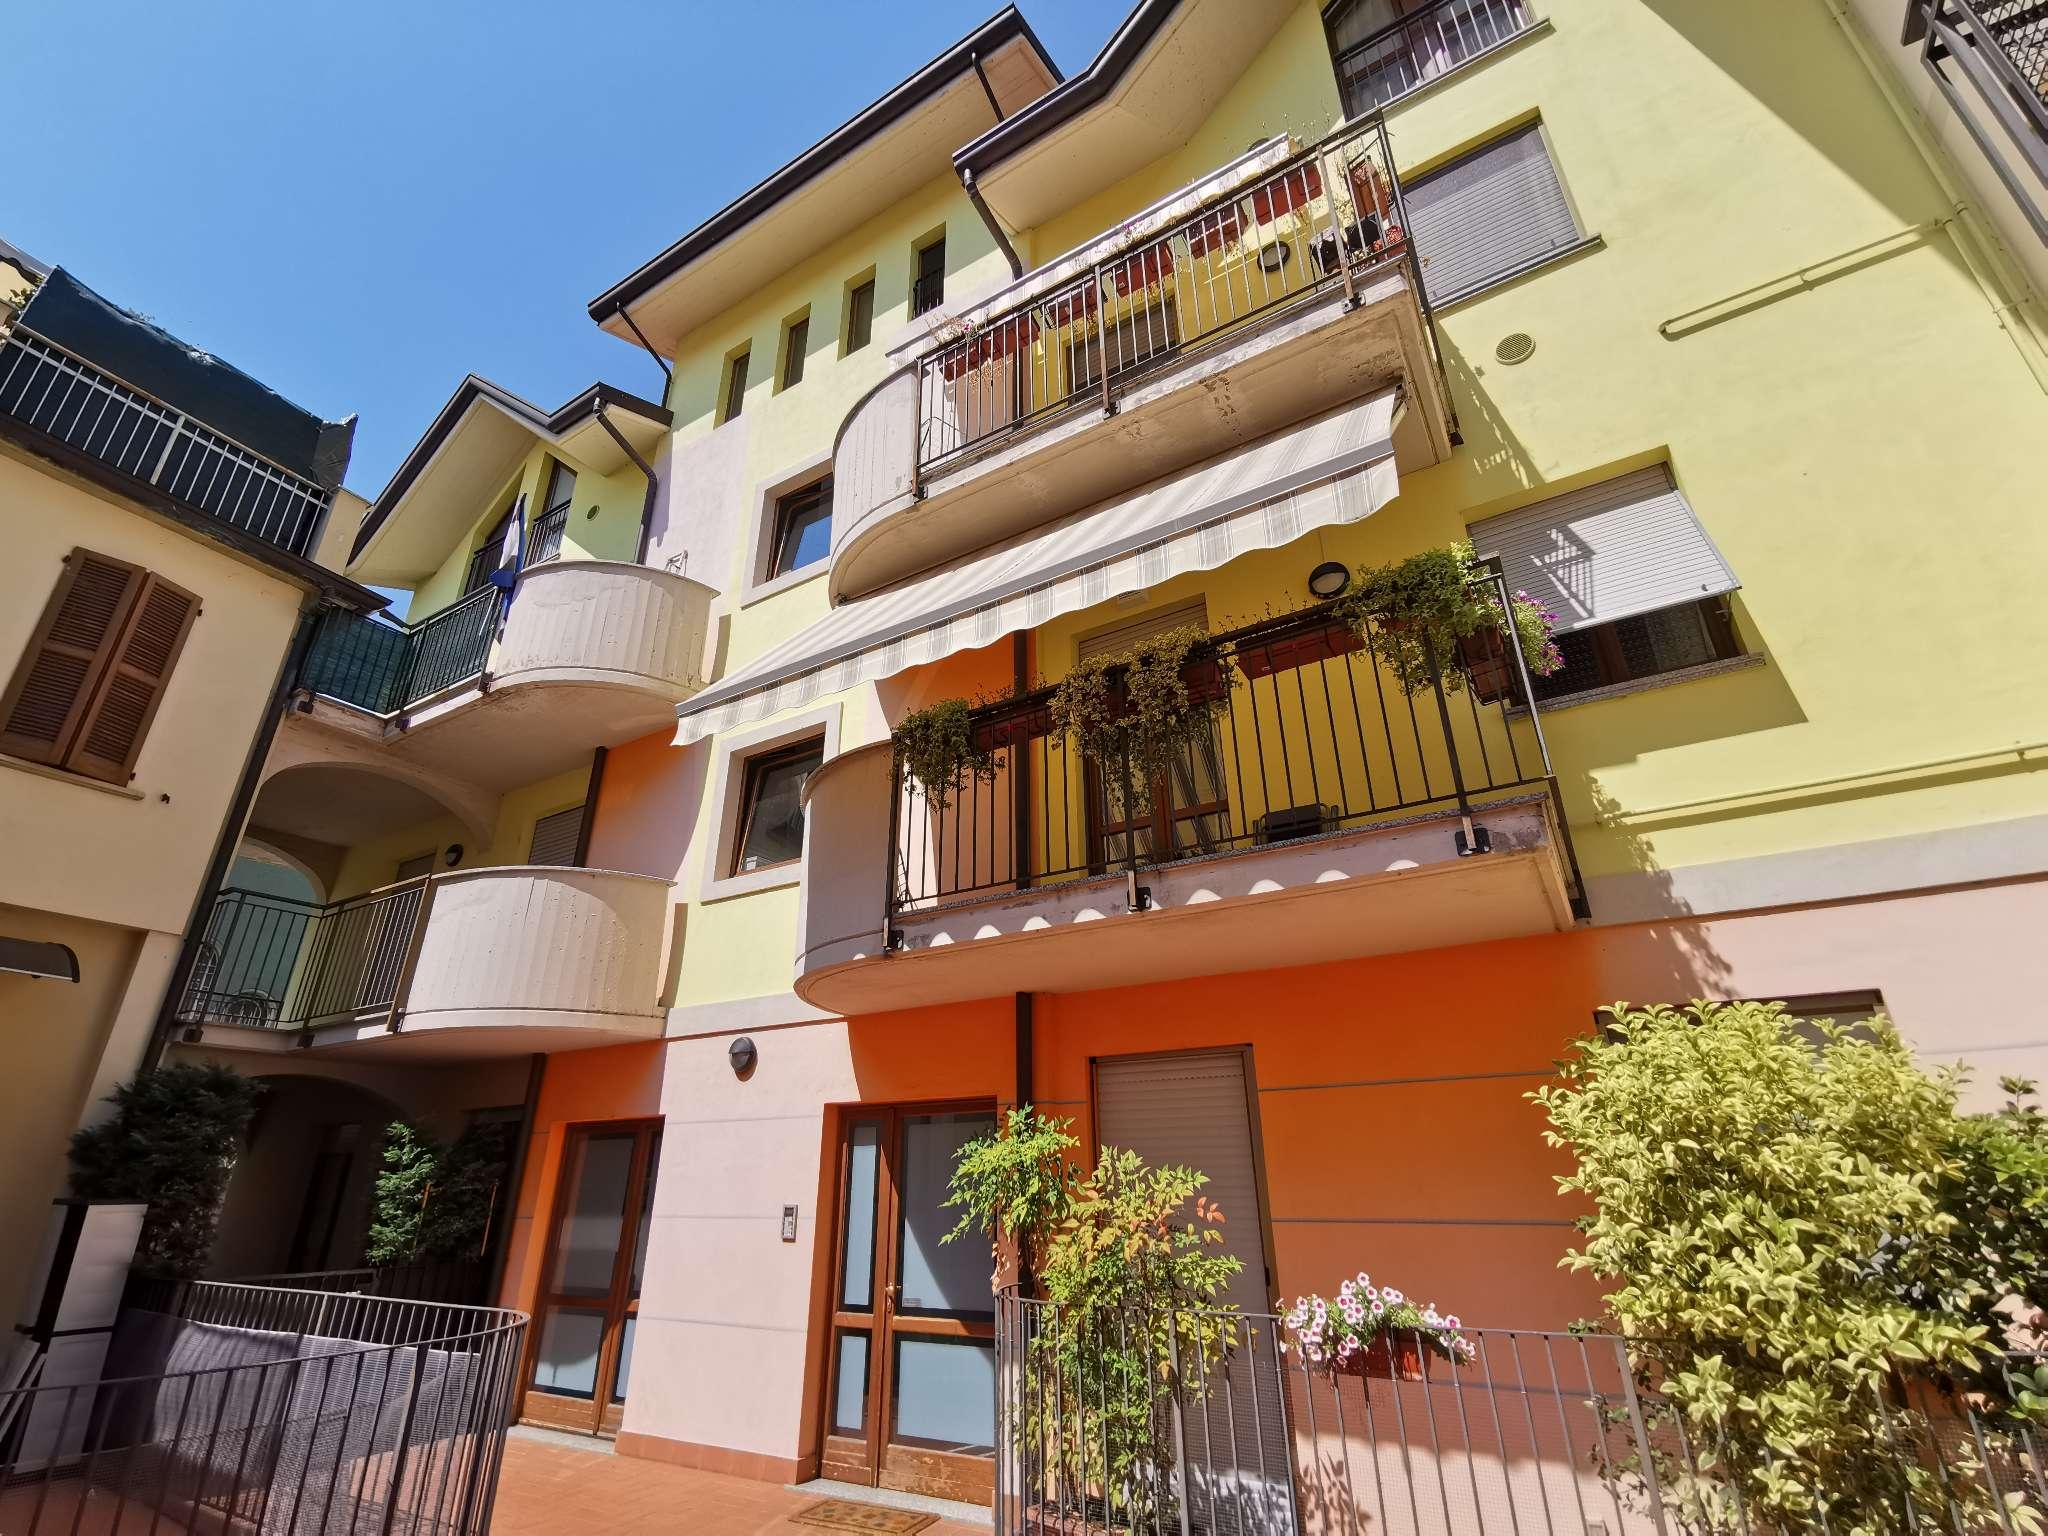 Appartamento in vendita a Treviglio, 3 locali, prezzo € 140.000   PortaleAgenzieImmobiliari.it